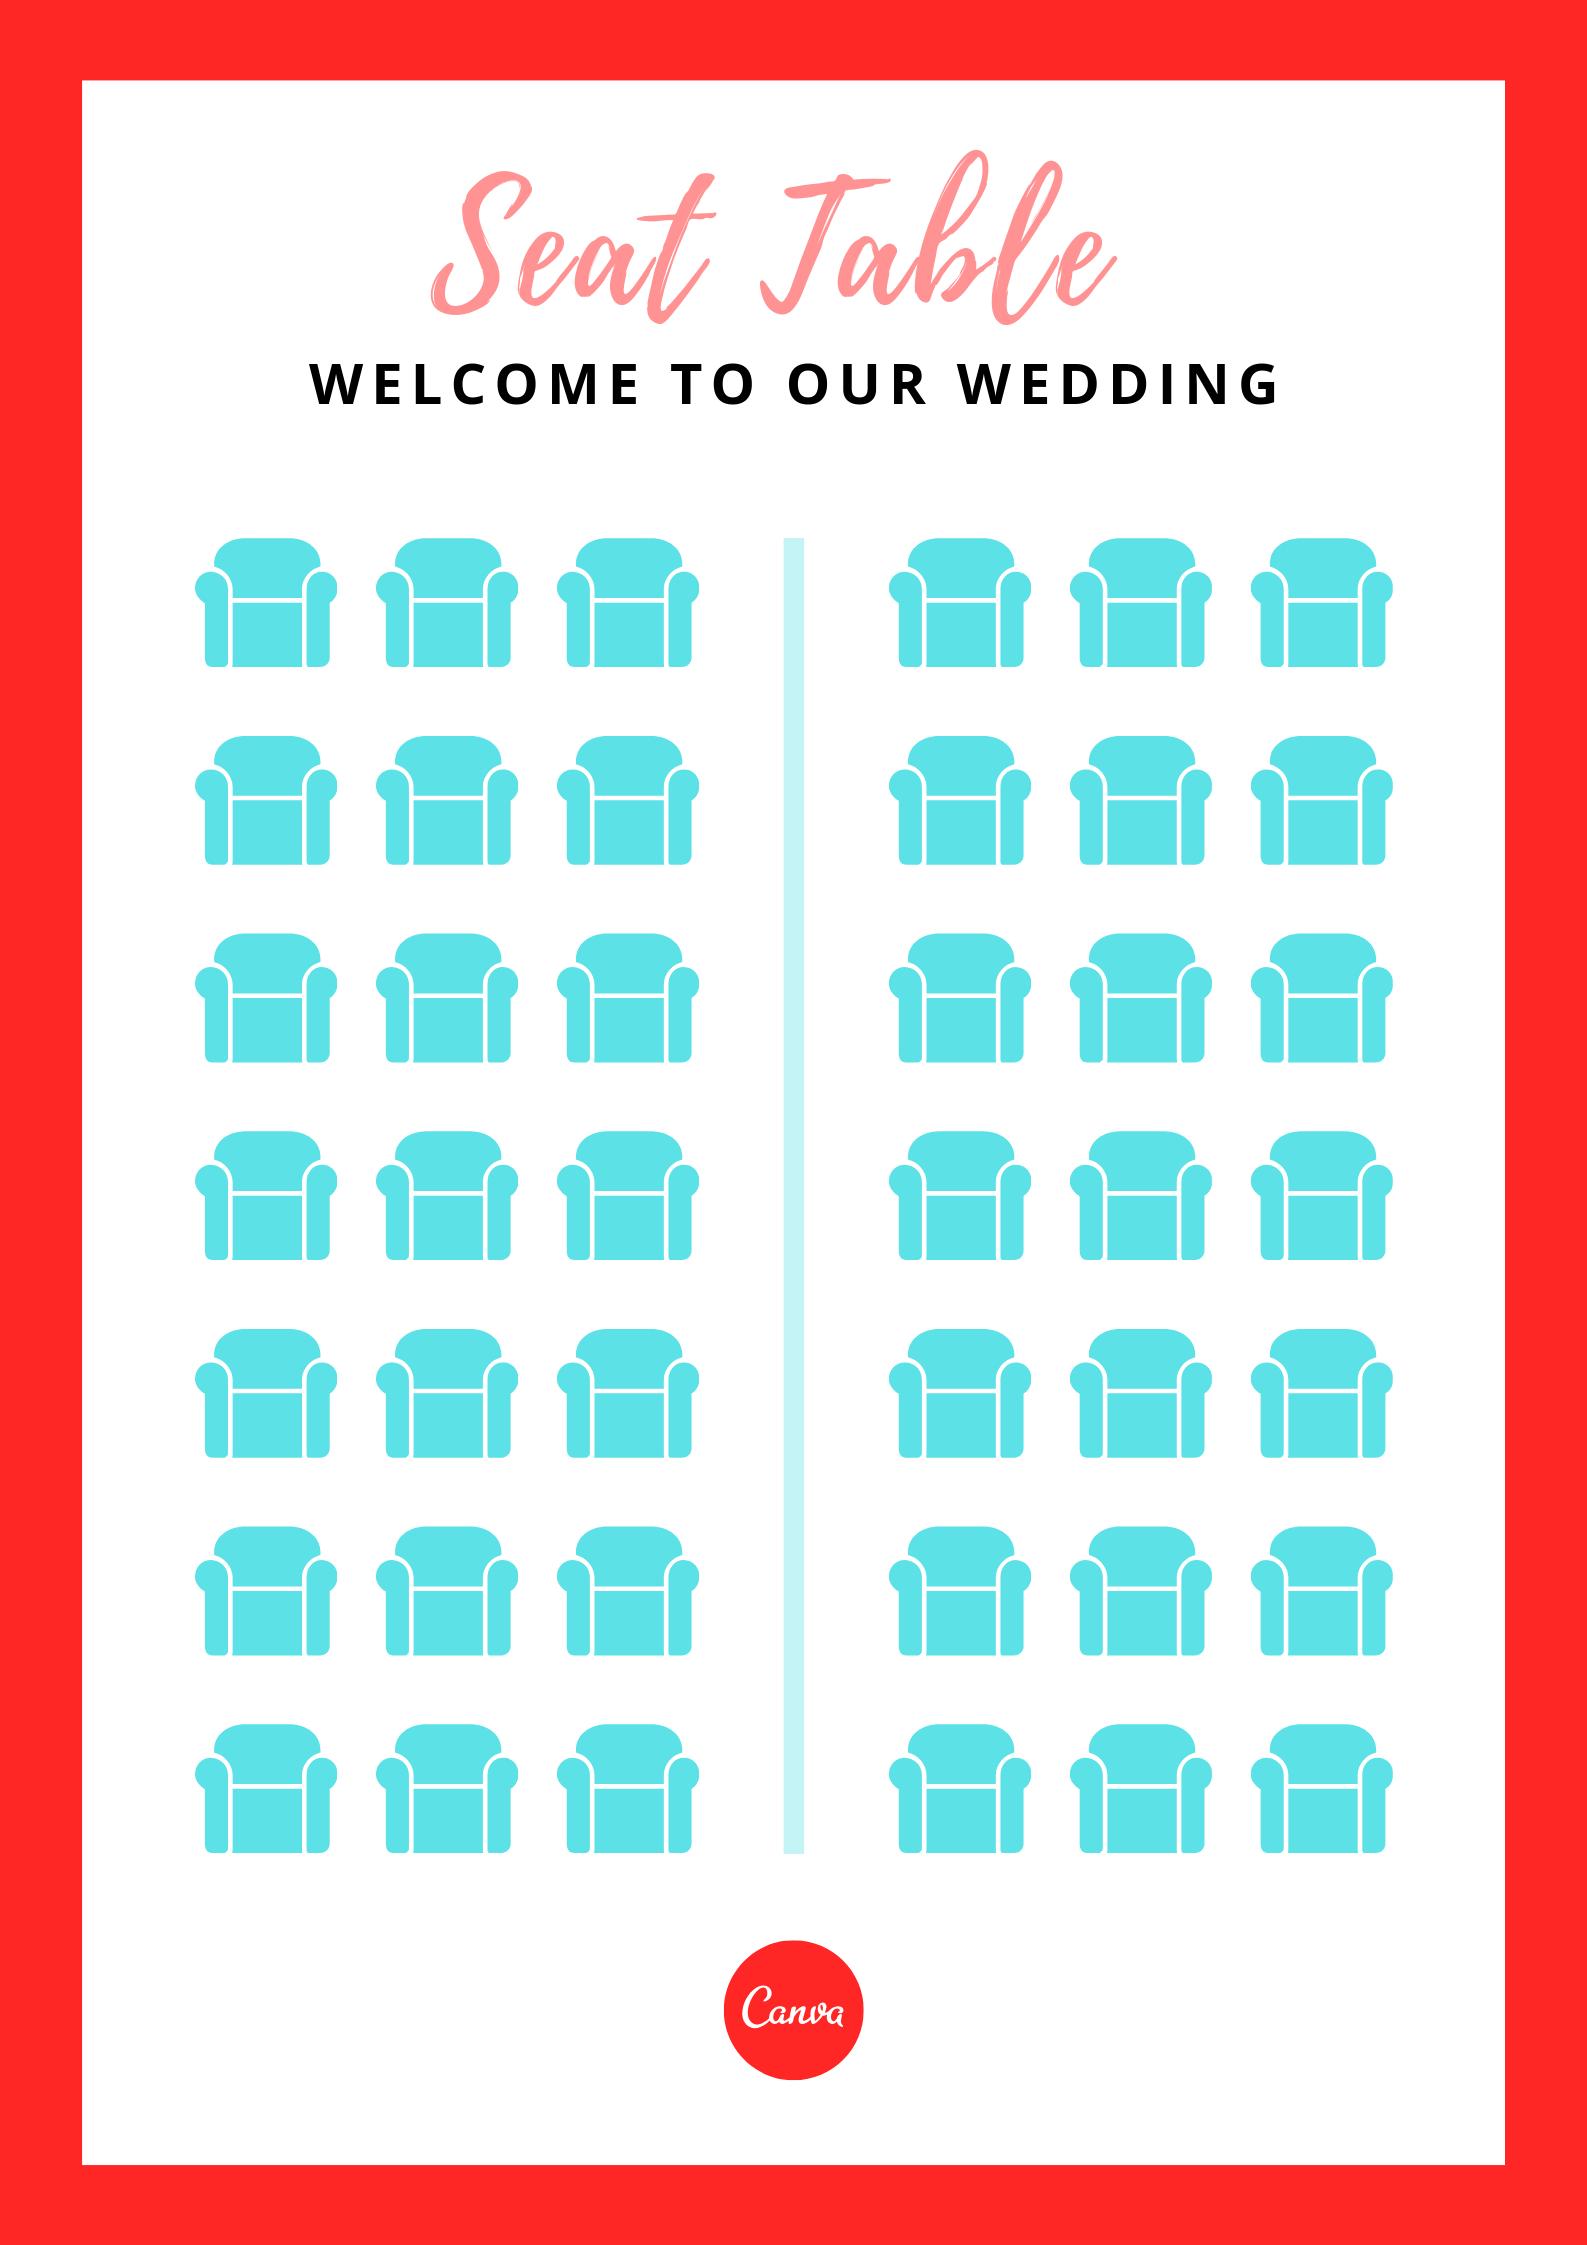 婚礼座次表